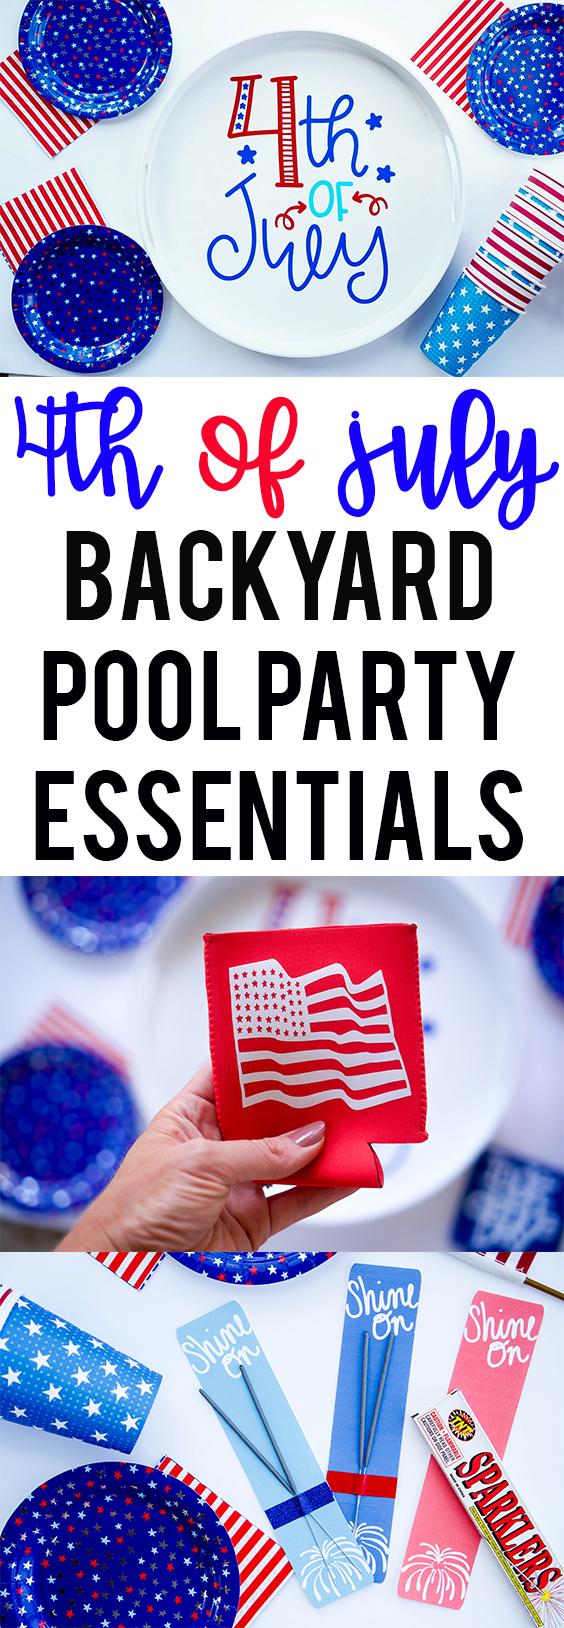 Patriotic Party Tray With Vinyl